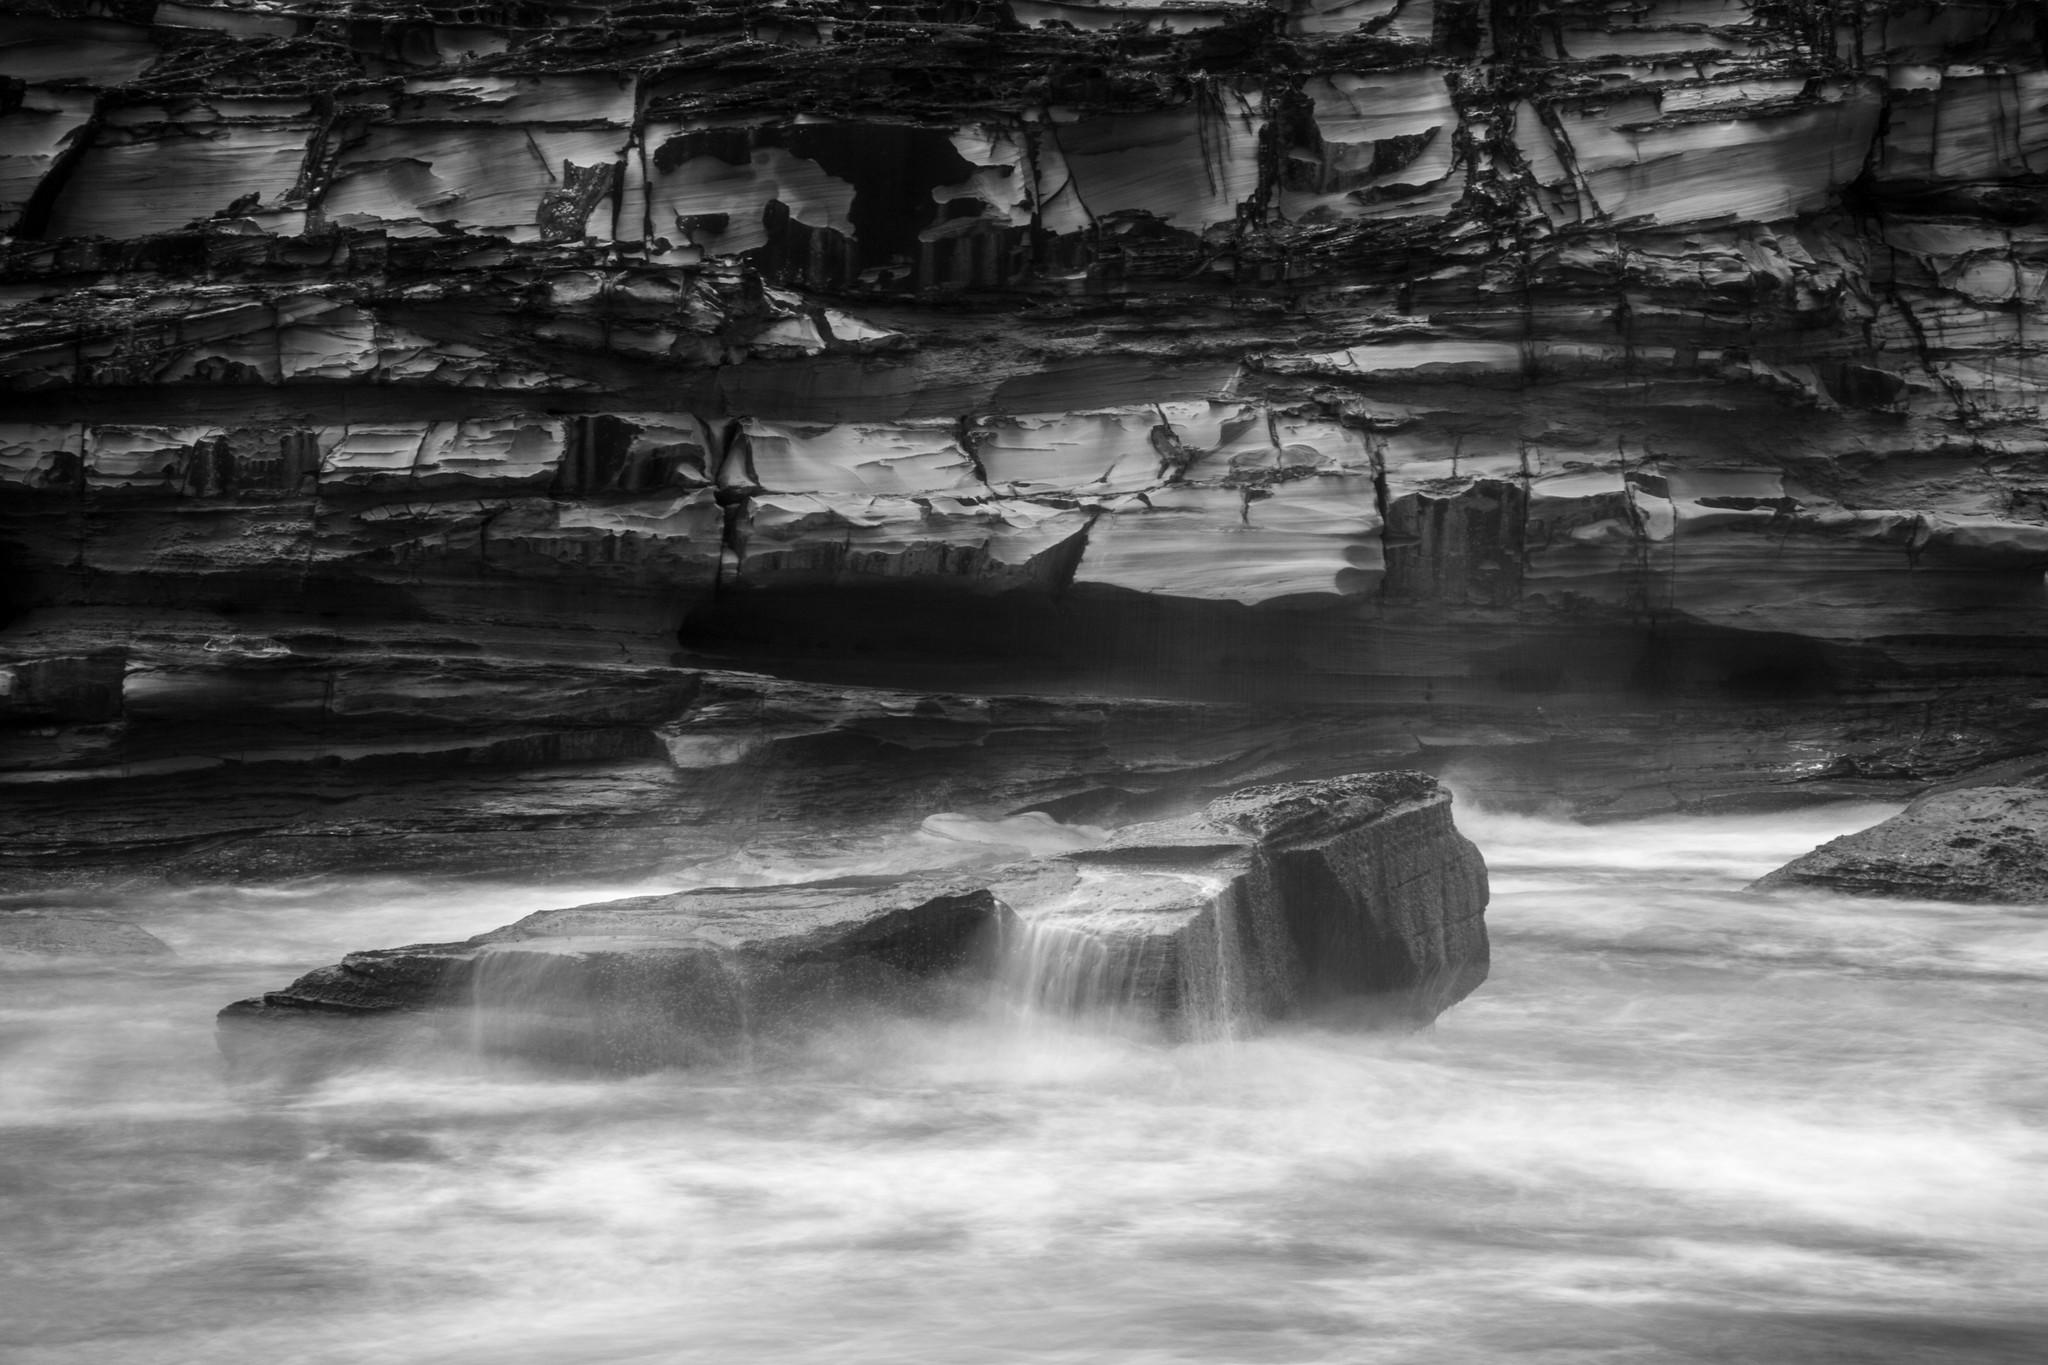 Skillion Rocks